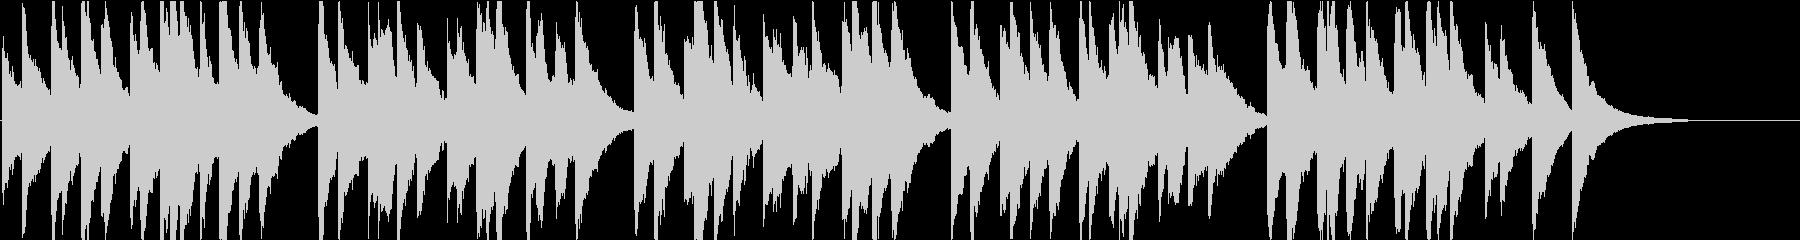 時報・チャイム風の名曲のメロディ・17の未再生の波形